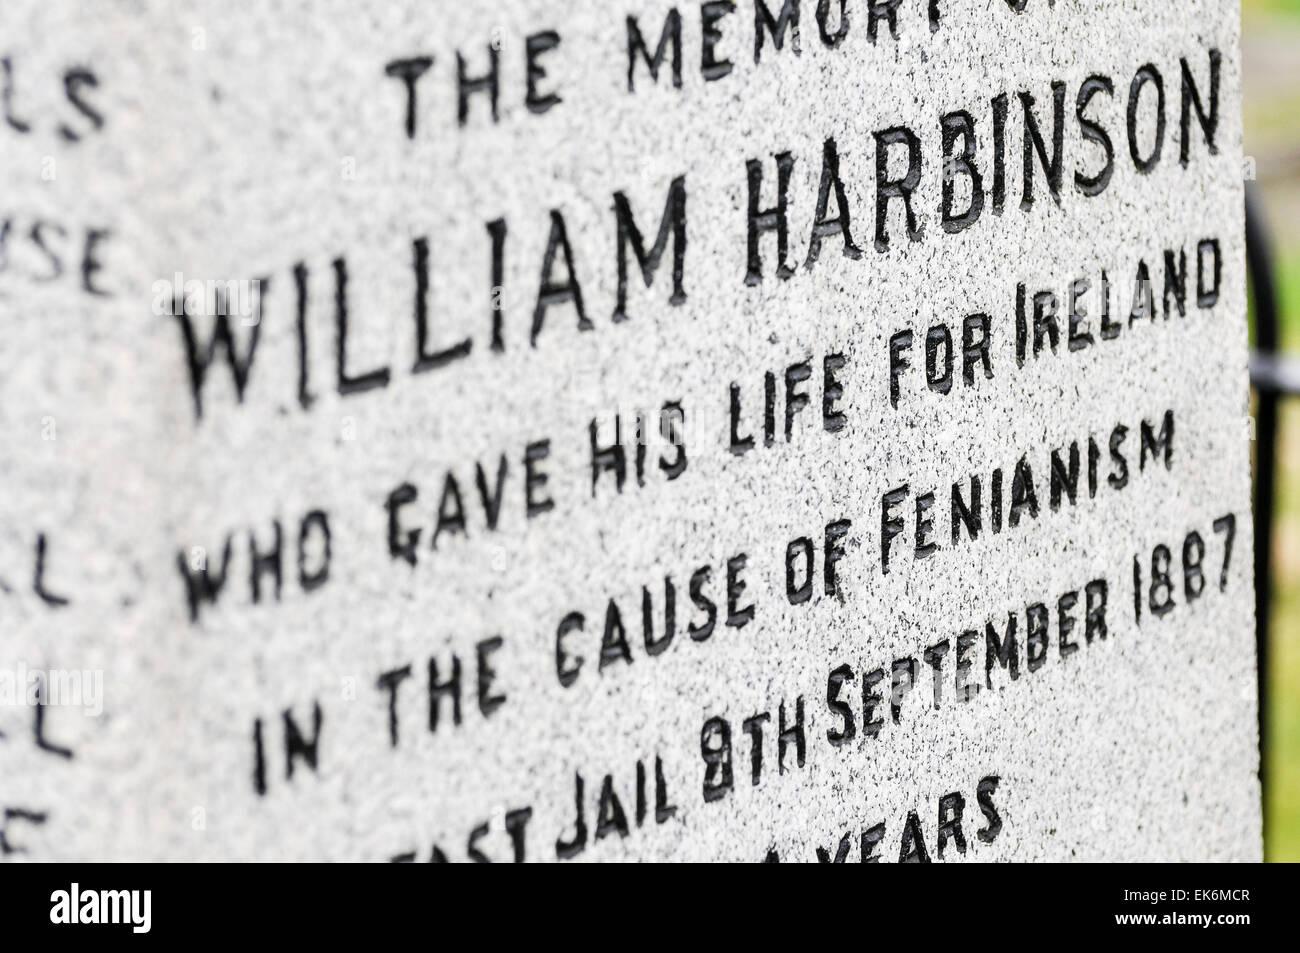 Tomba di William Harbinson, 'che ha dato la sua vita per l'Irlanda per la causa di Fenianism, 8 settembre Immagini Stock